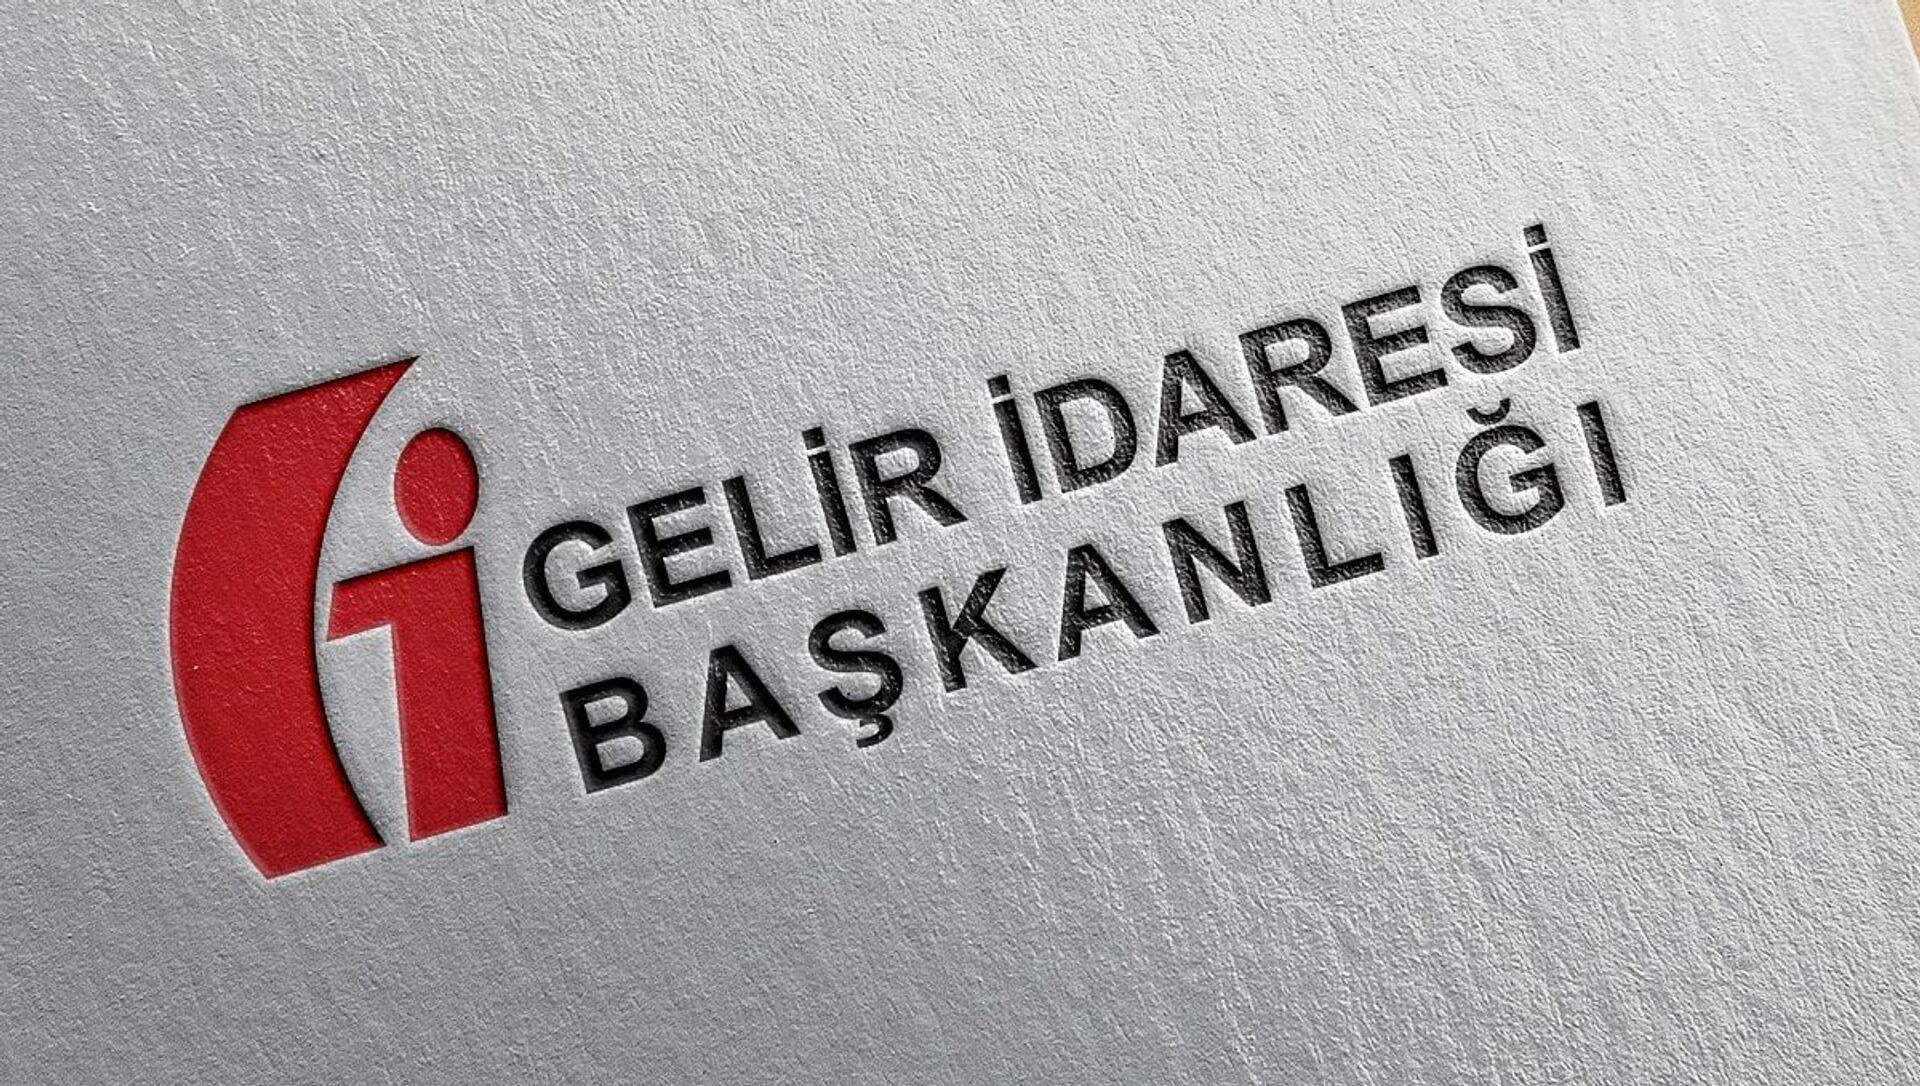 Gelir İdaresi Başkanlığı - Sputnik Türkiye, 1920, 31.07.2021